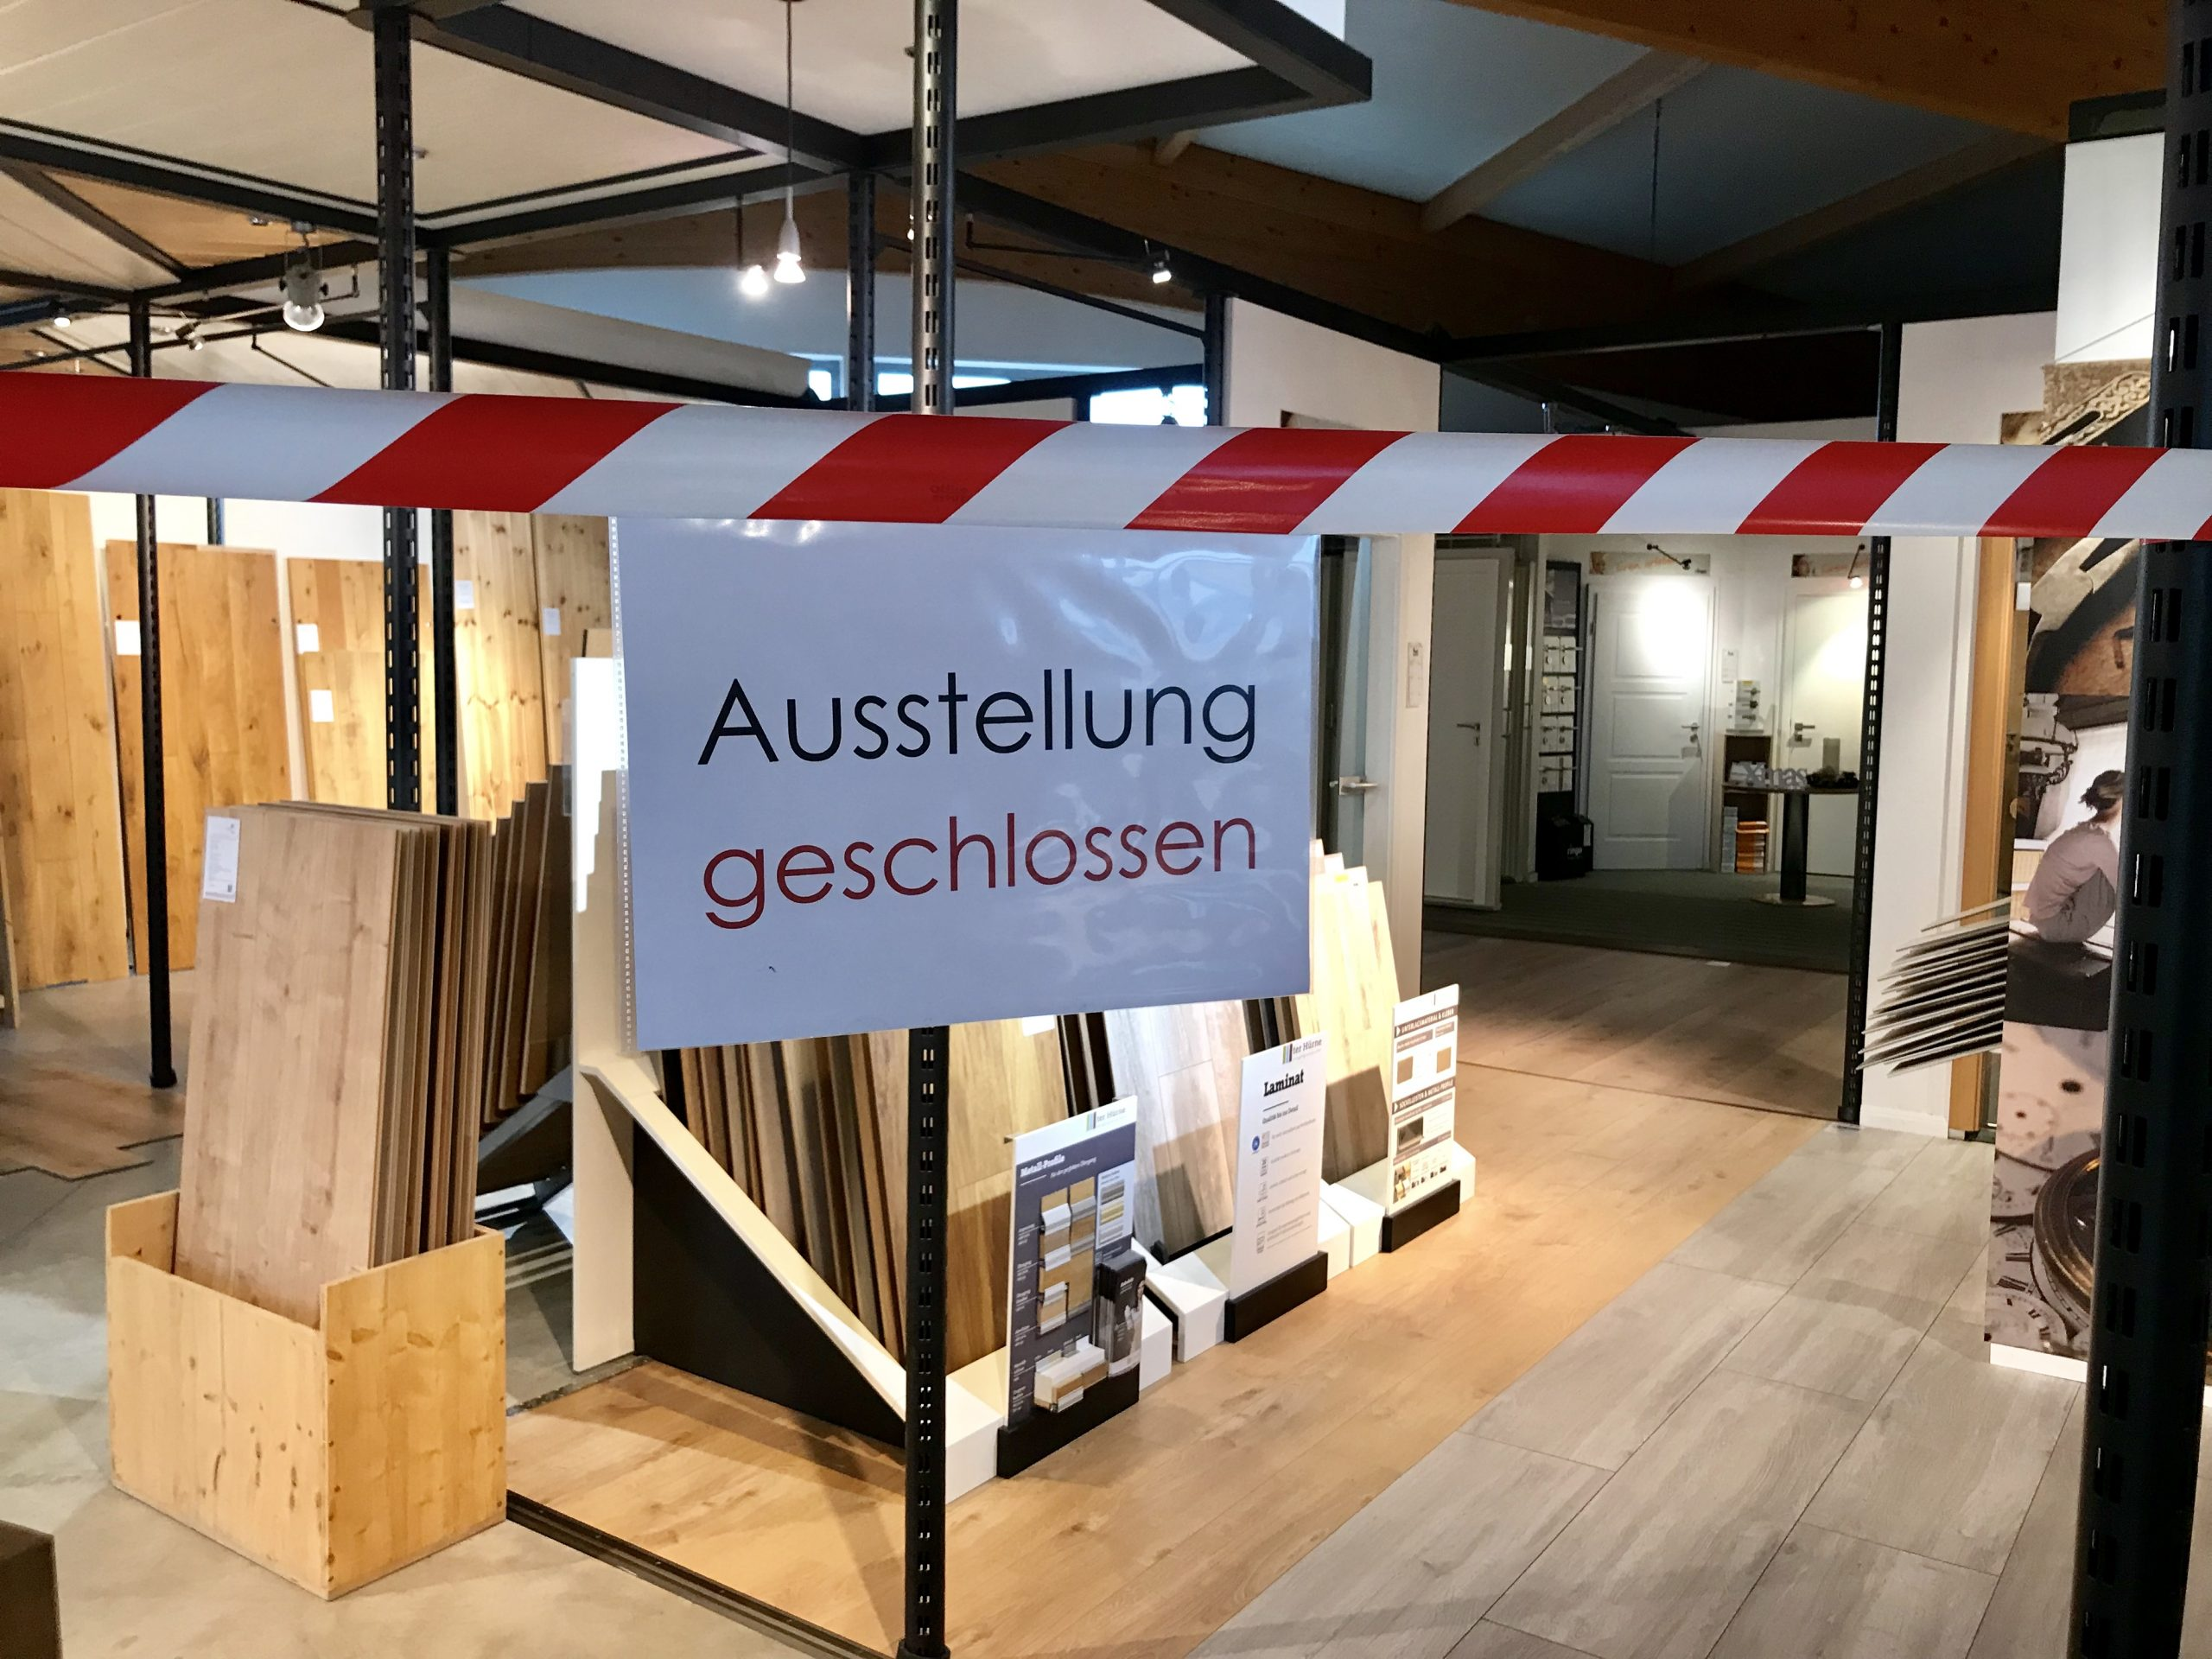 Ausstellung geschlossen